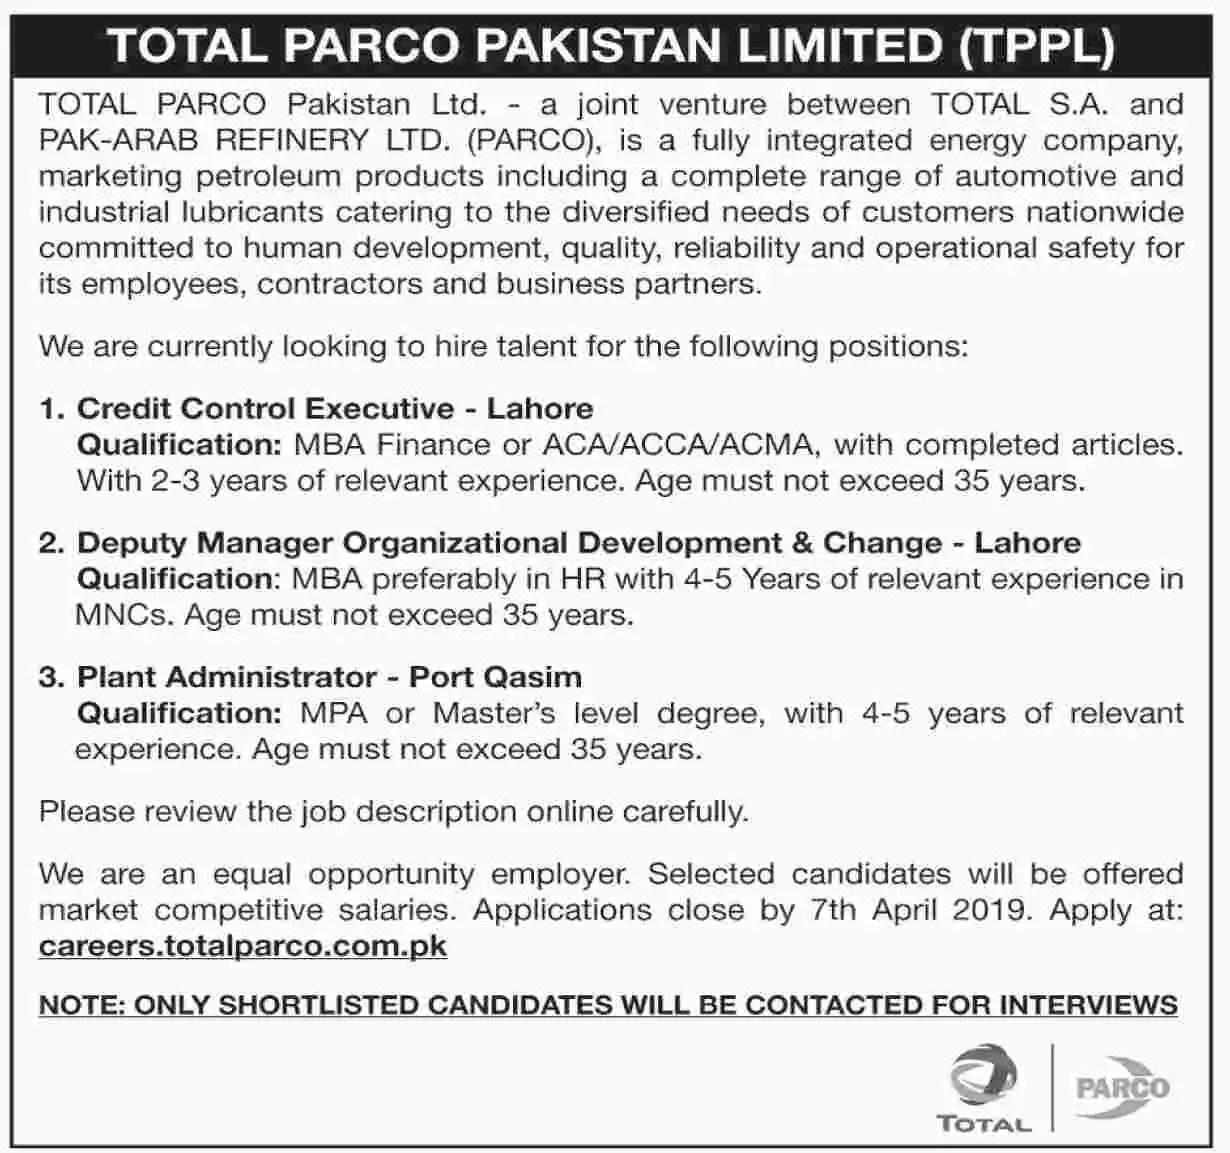 TOTAL PARCO Pakistan Limited Jobs April 2019